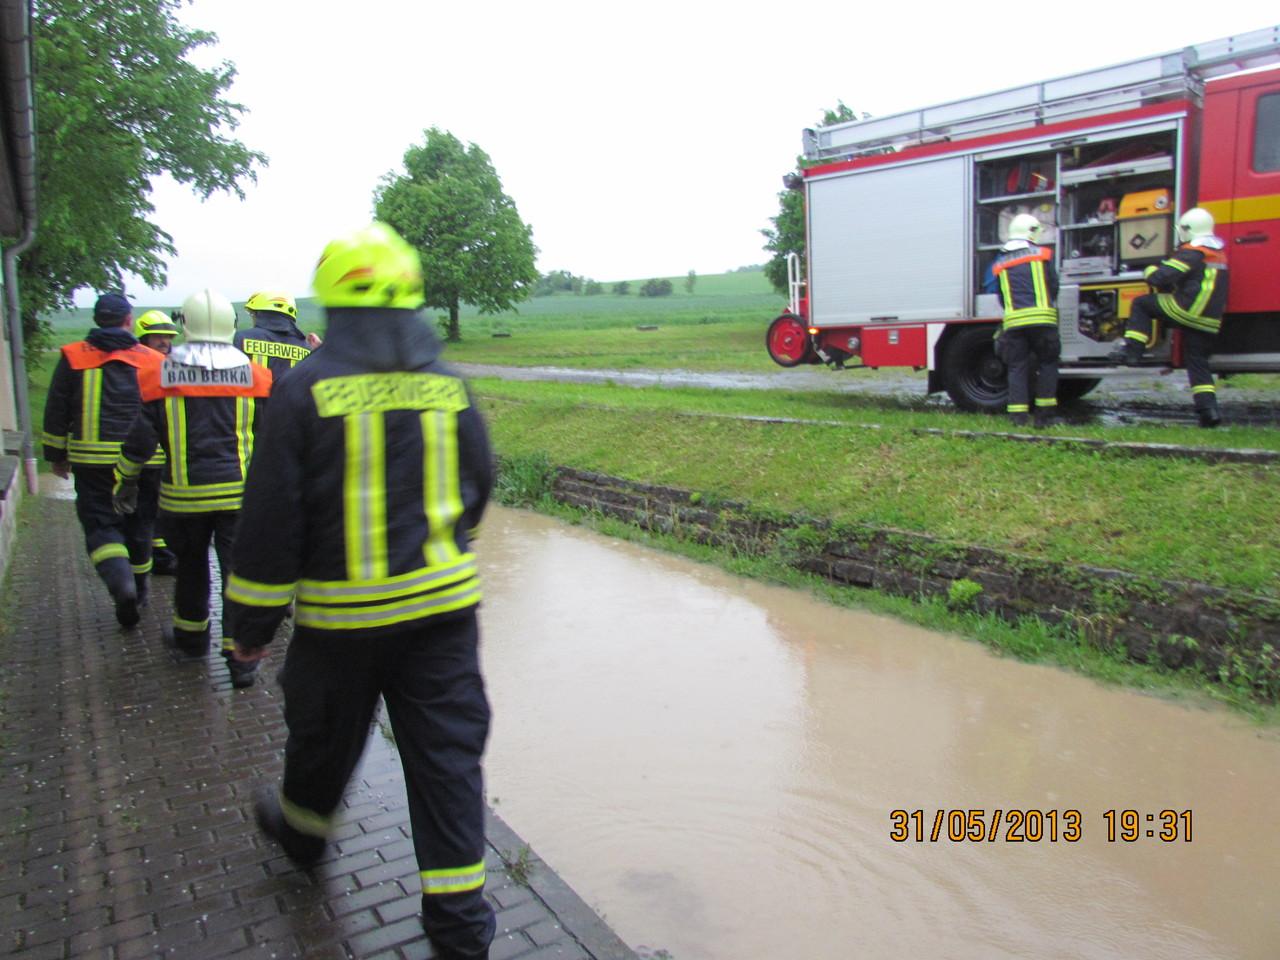 Der erste Einsatzort in Gutendorf-das Kulturhaus. Auch Bad Berkaer Kameraden kamen mit dem LF 16/12 um zu helfen.